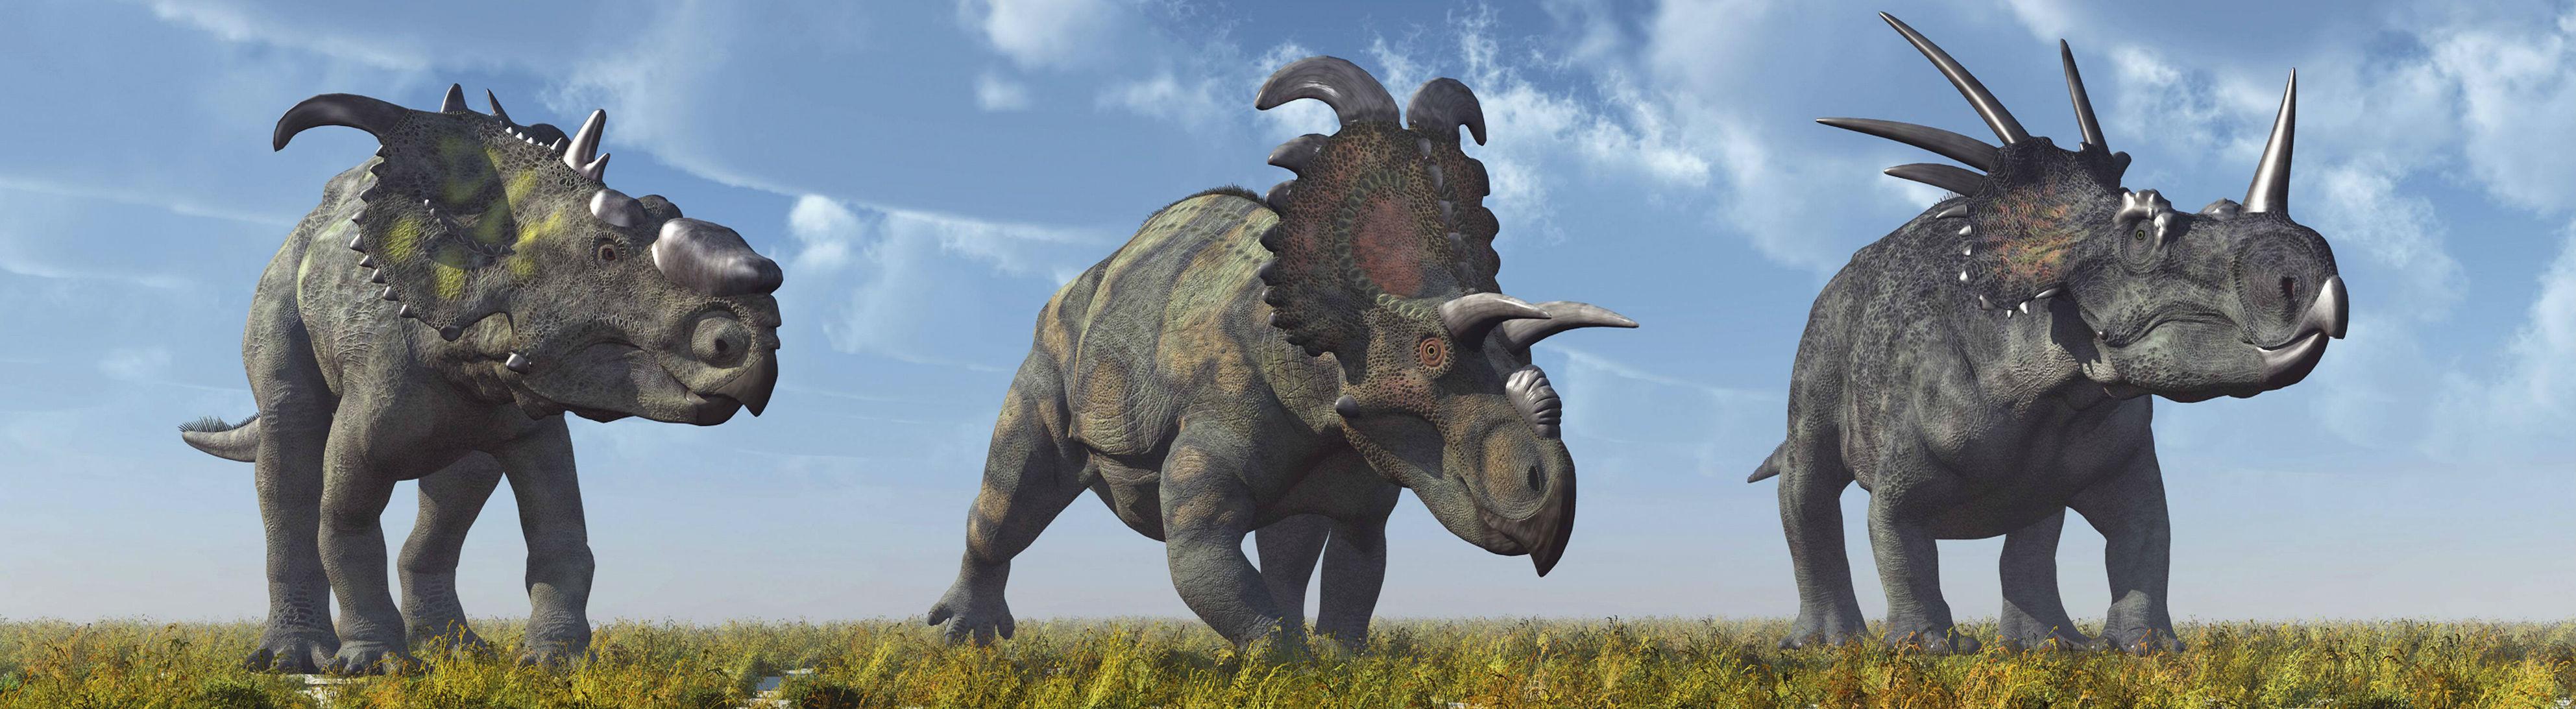 Ein Pachyrhinosaurus, ein Albertaceratops und ein Styracosaurus ceratopsian Dinosaurier.